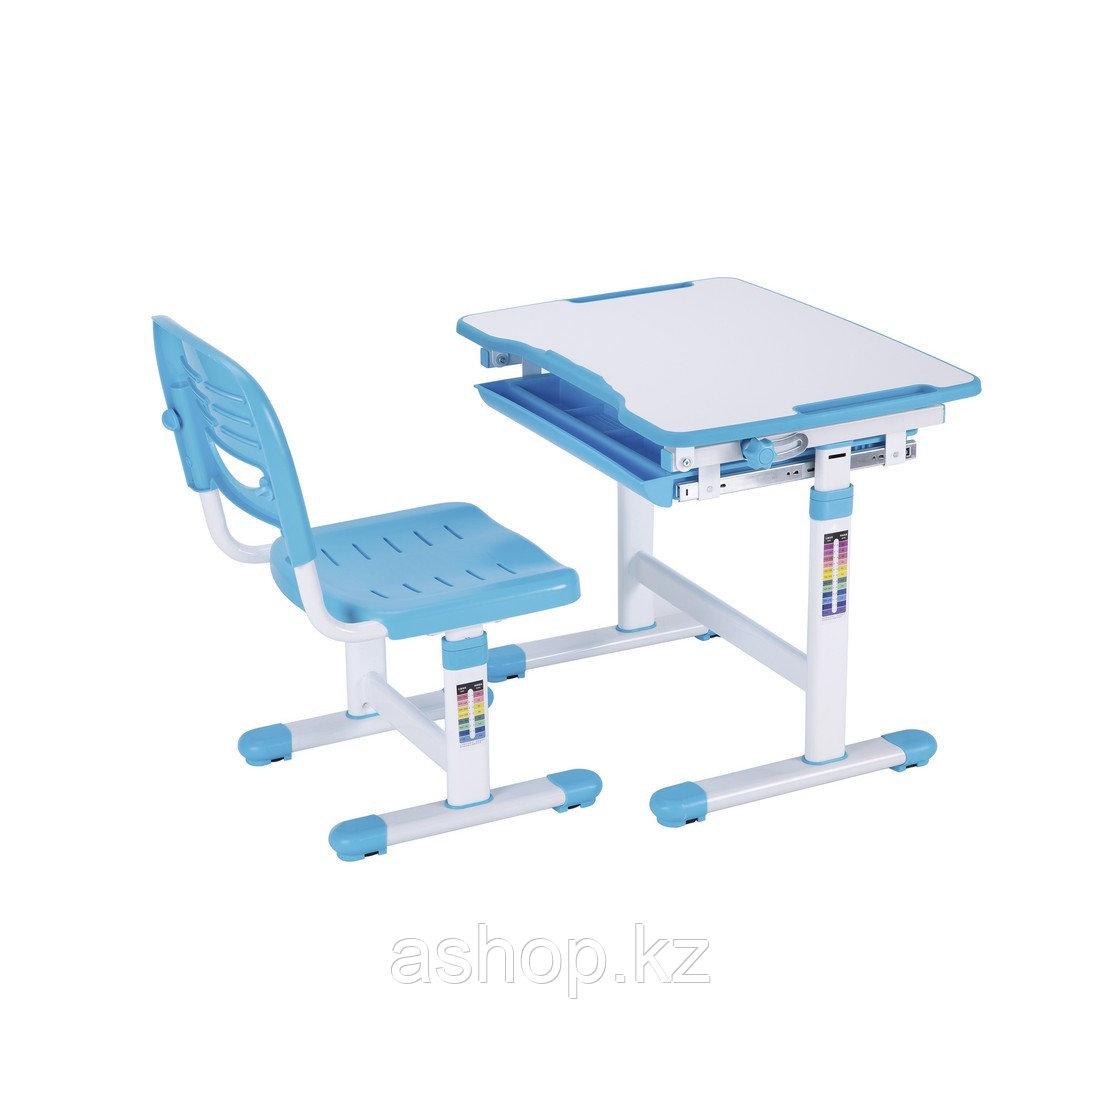 Парта-трансформер детская Deluxe DLCD-B201B, Материал: Пластик, металл, Цвет: Голубой